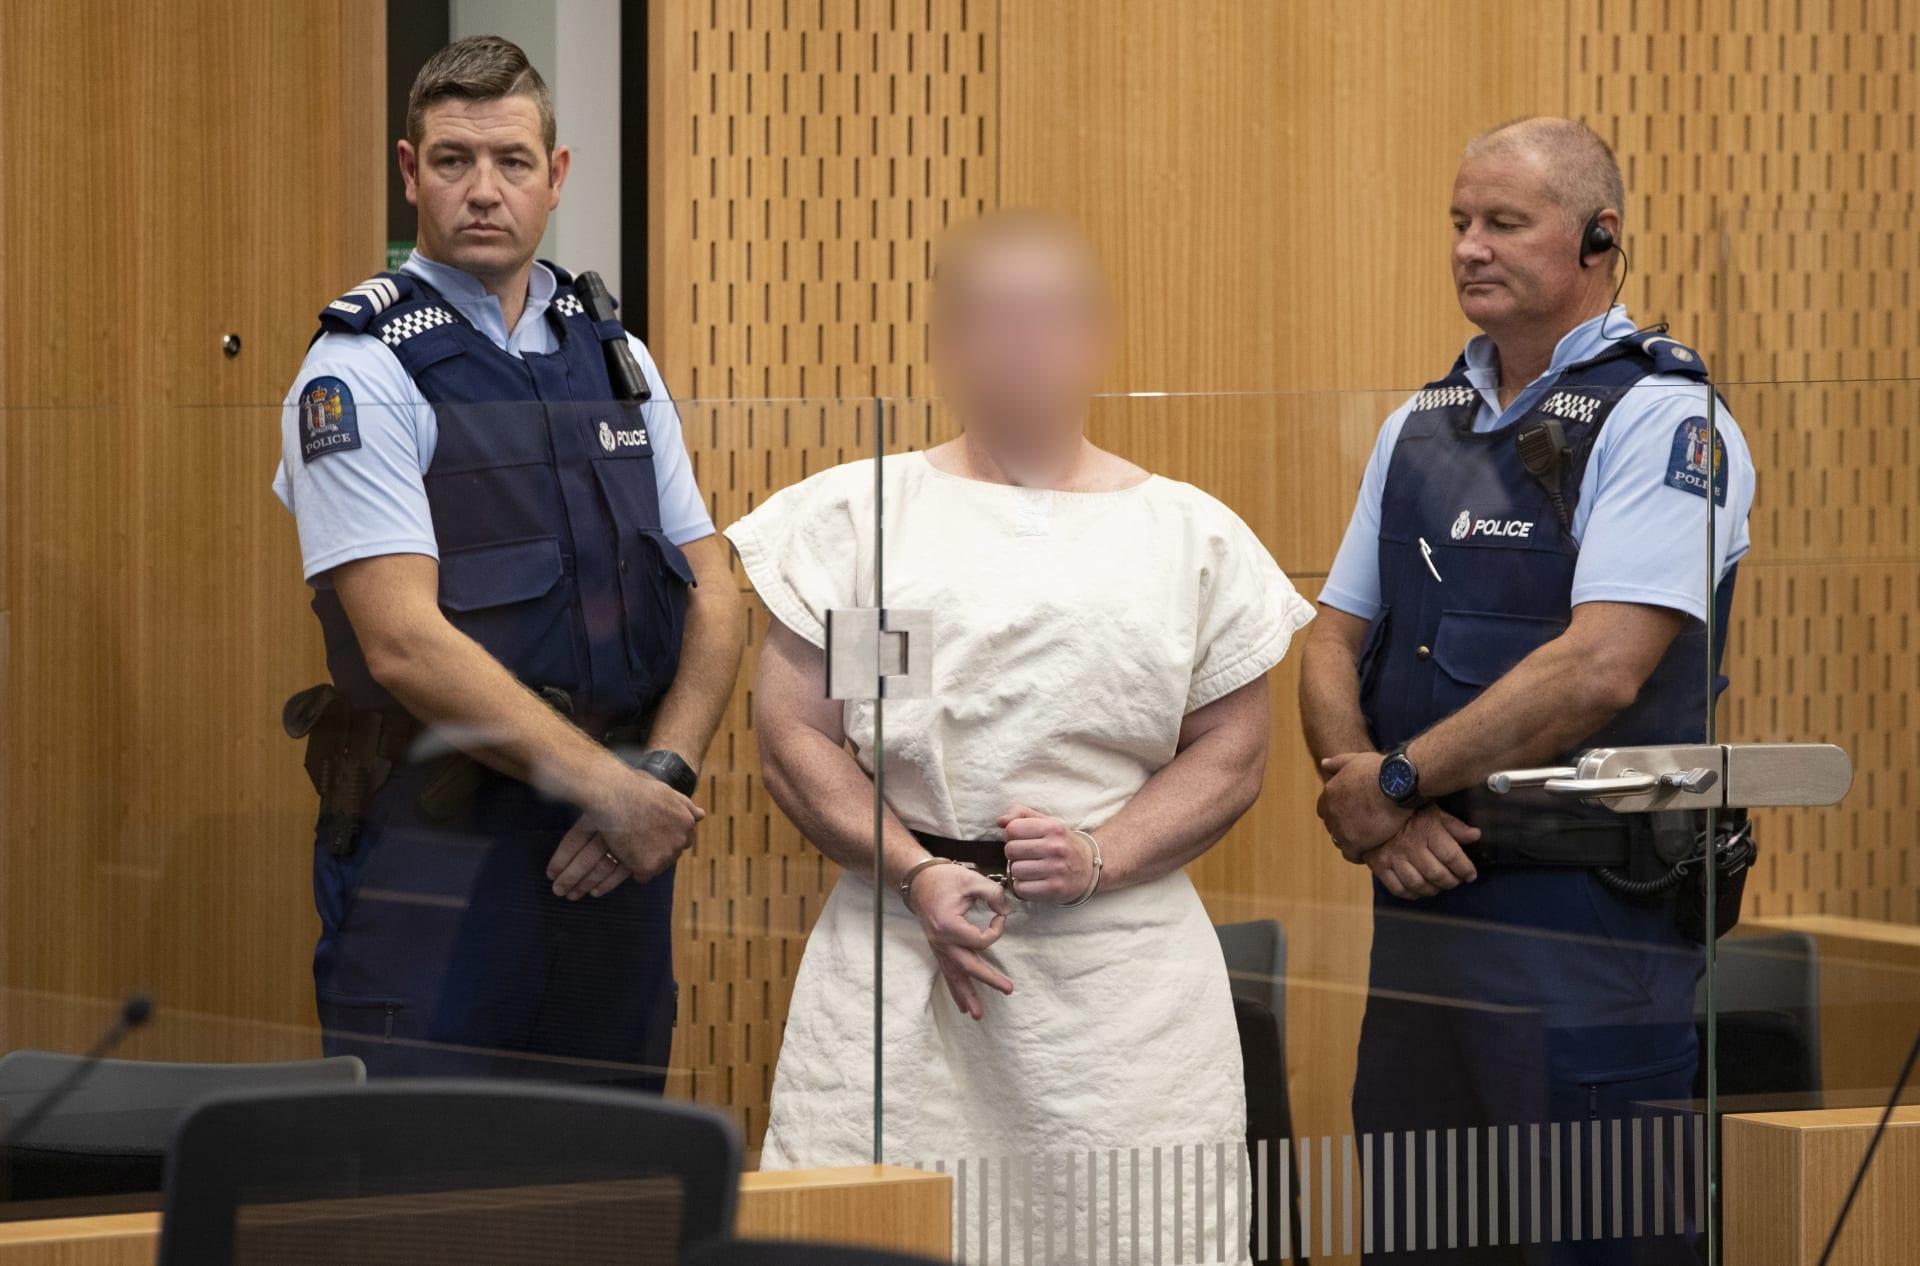 ما سر إشارة أداها المتهم بهجوم نيوزلندا بأصابعه أمام المحكمة؟